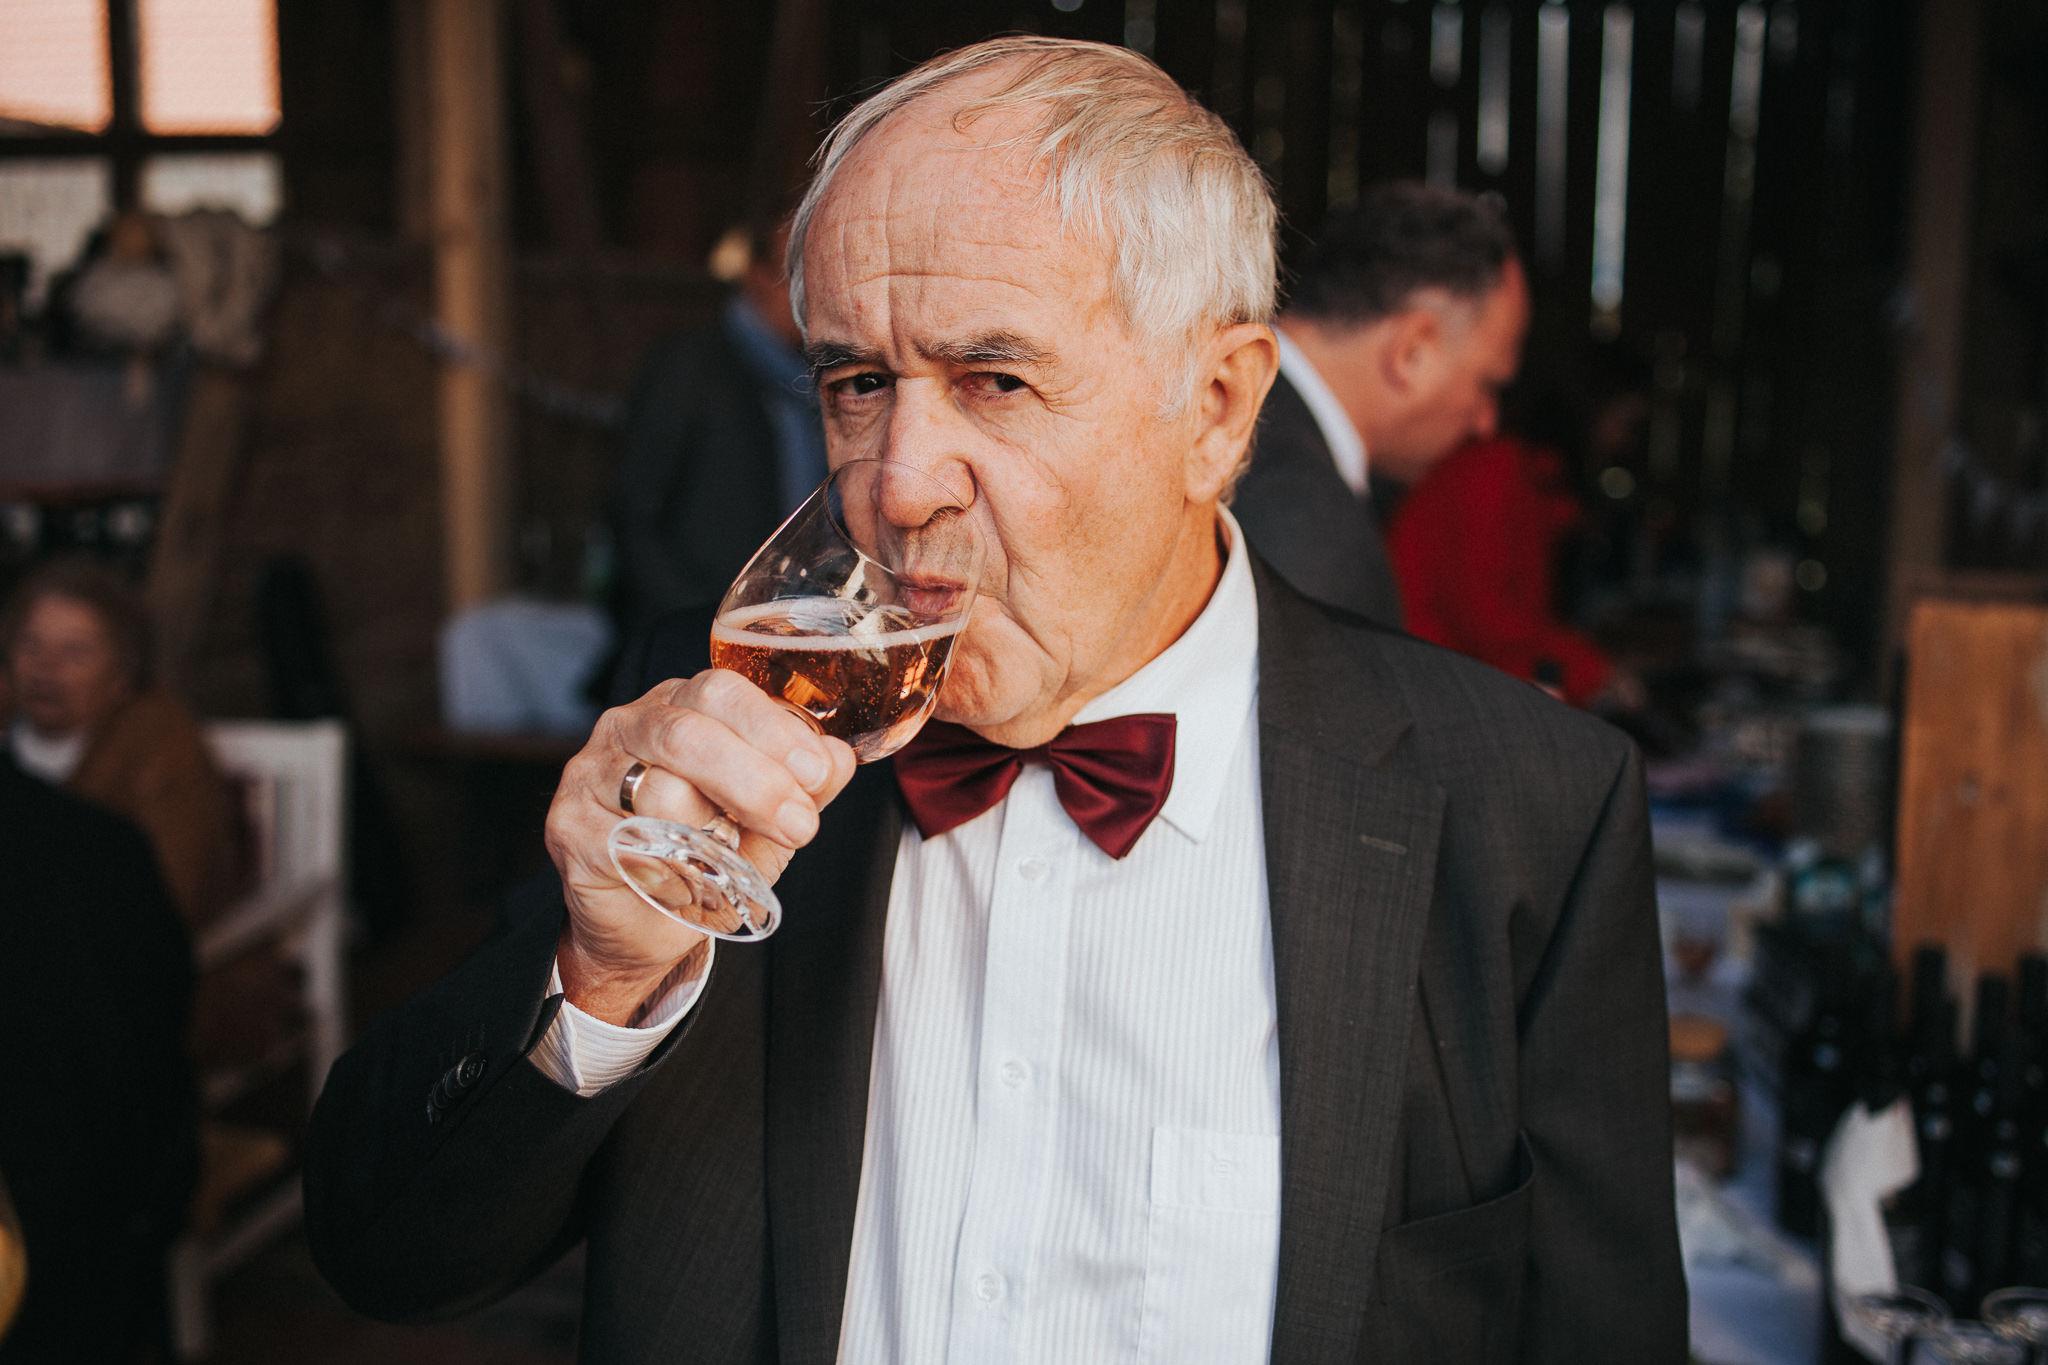 Portrait von Großvater mit Wein